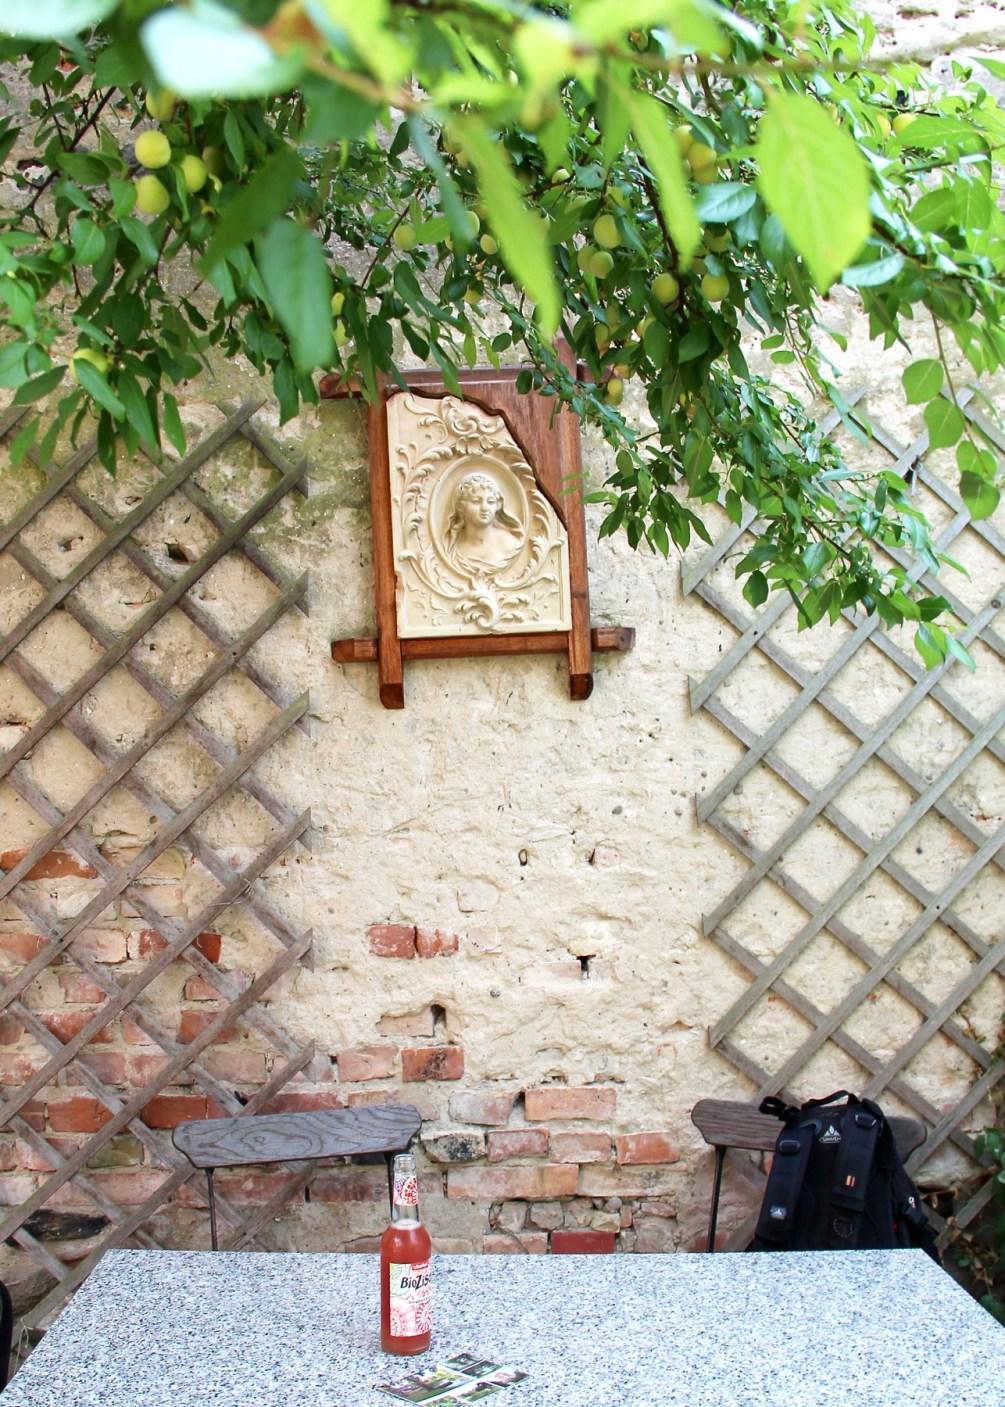 Hof Café im Haus Vogelsang Lychen: Ein lauschiges Plätzchen mit schöner Dame unter Mirabellenzweigen